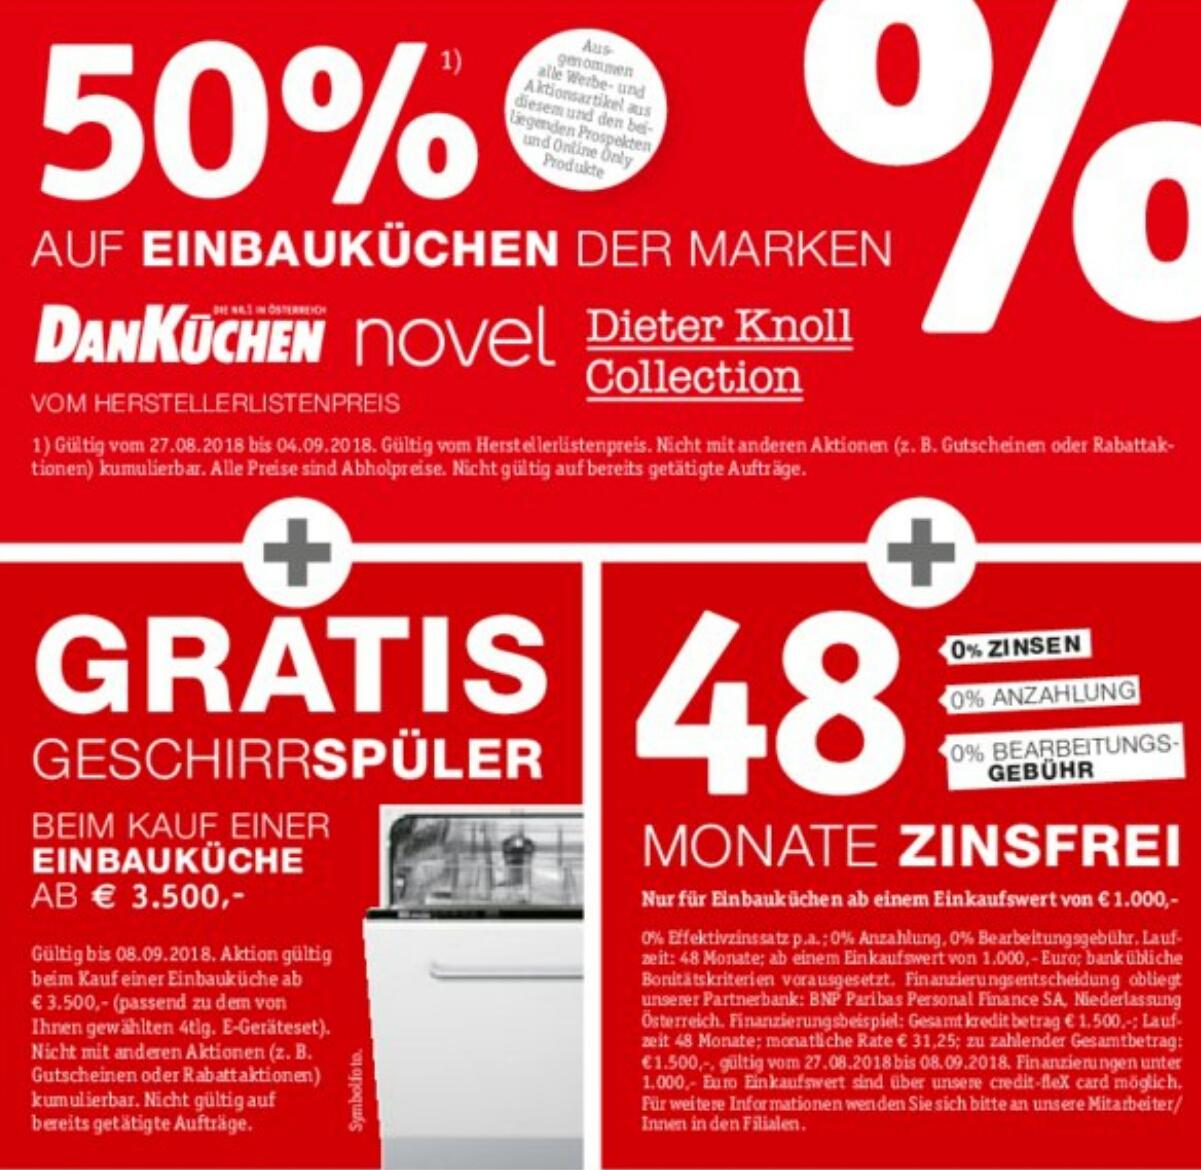 XXX Lutz -50% auf Einbauküchen der Marken Danküchen/ novel / Dieter Knoll Collection + Gratis Geschirrspüler*